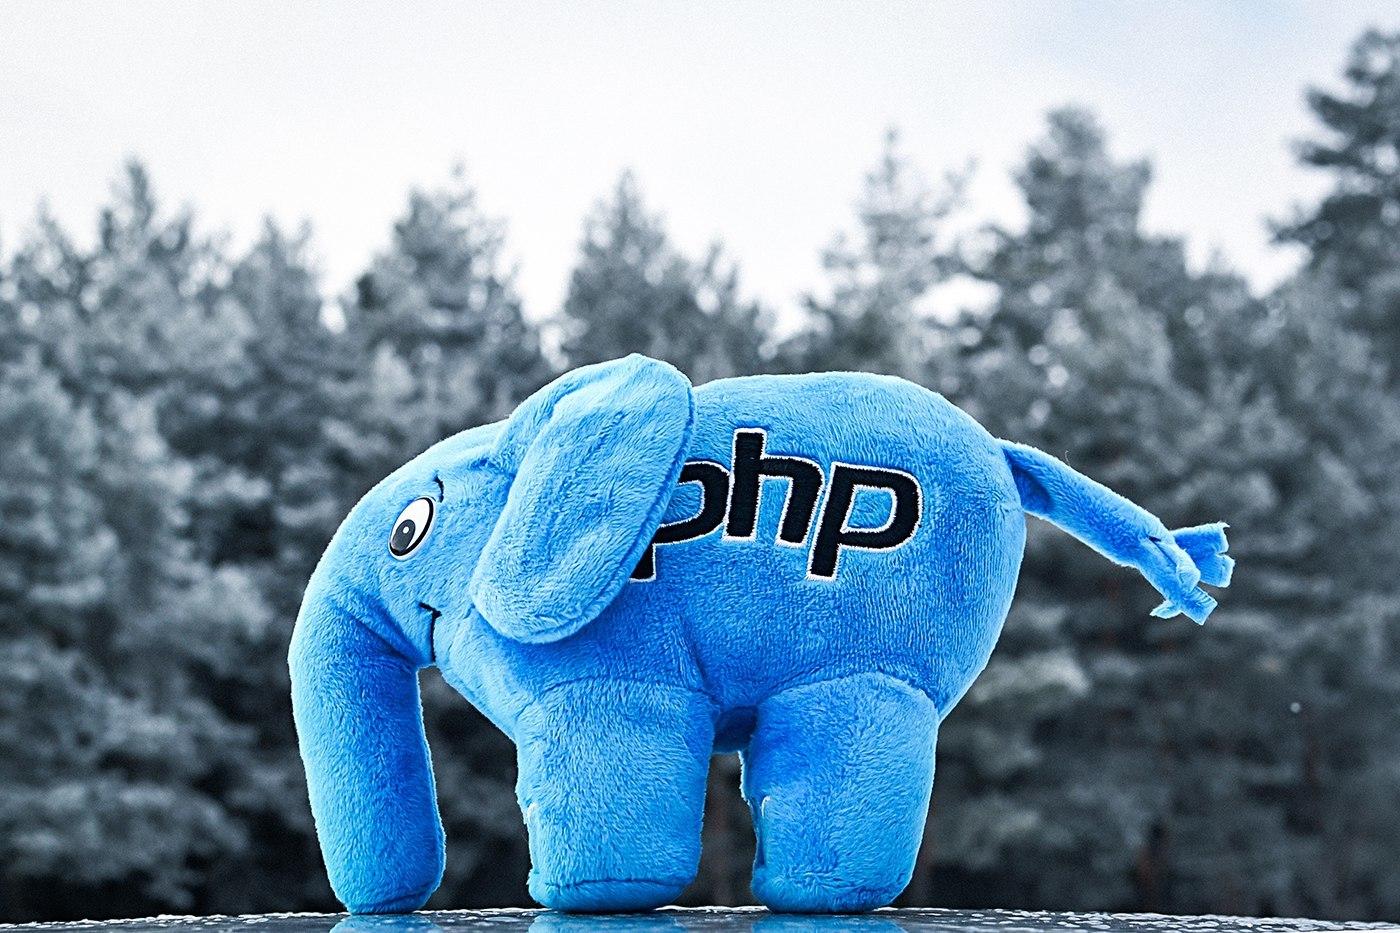 PHP-Дайджест № 147 (1 – 14 января 2019) - 1